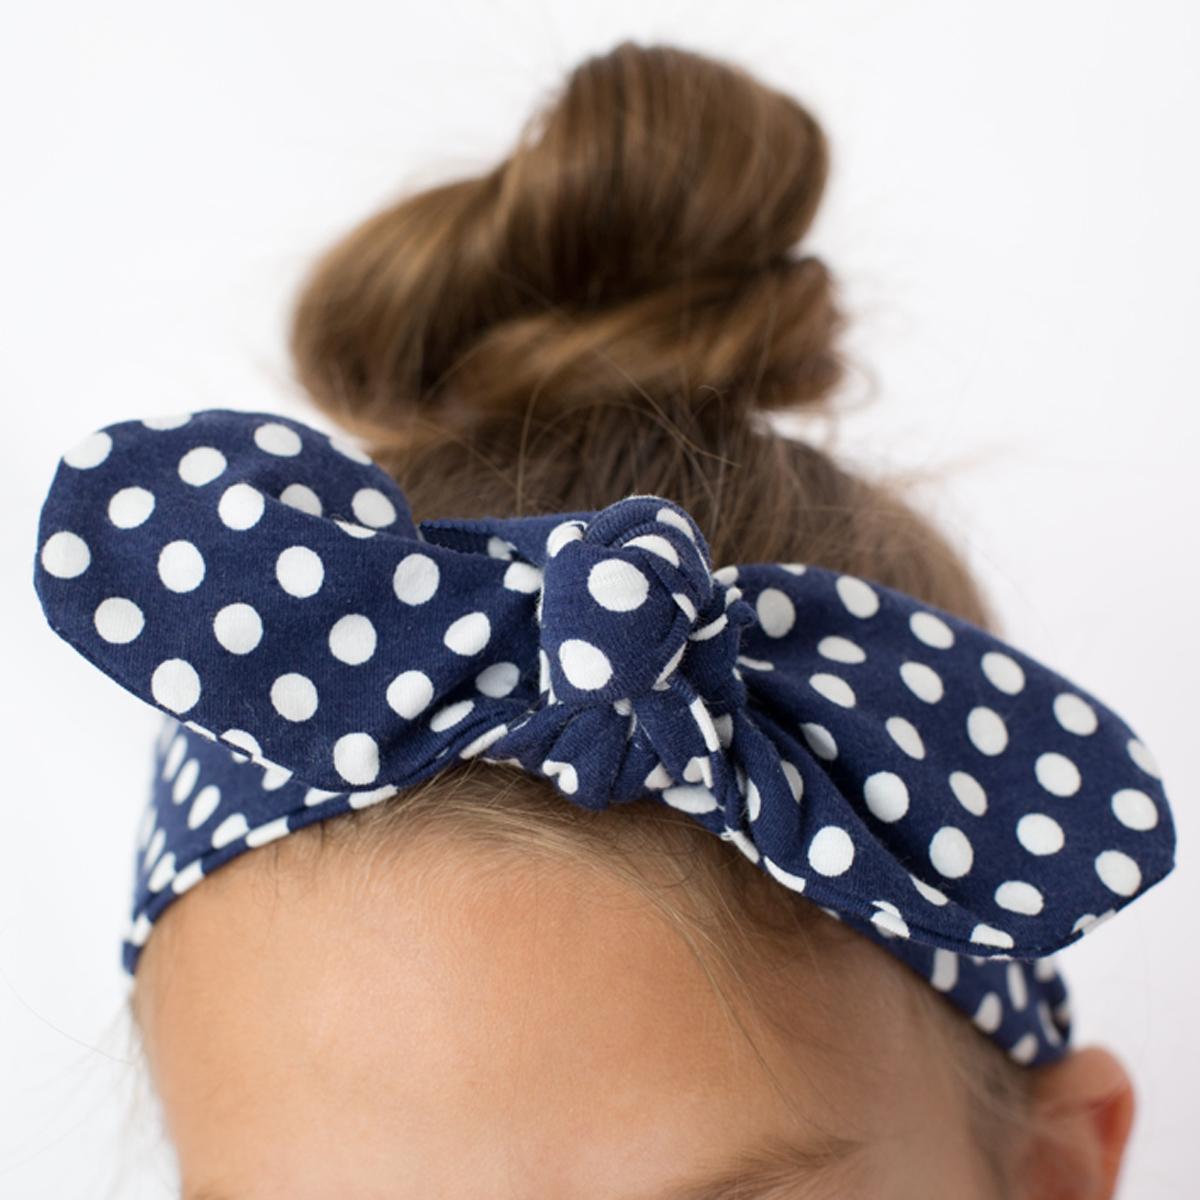 Top knot headband tied knotted bow fabric headband